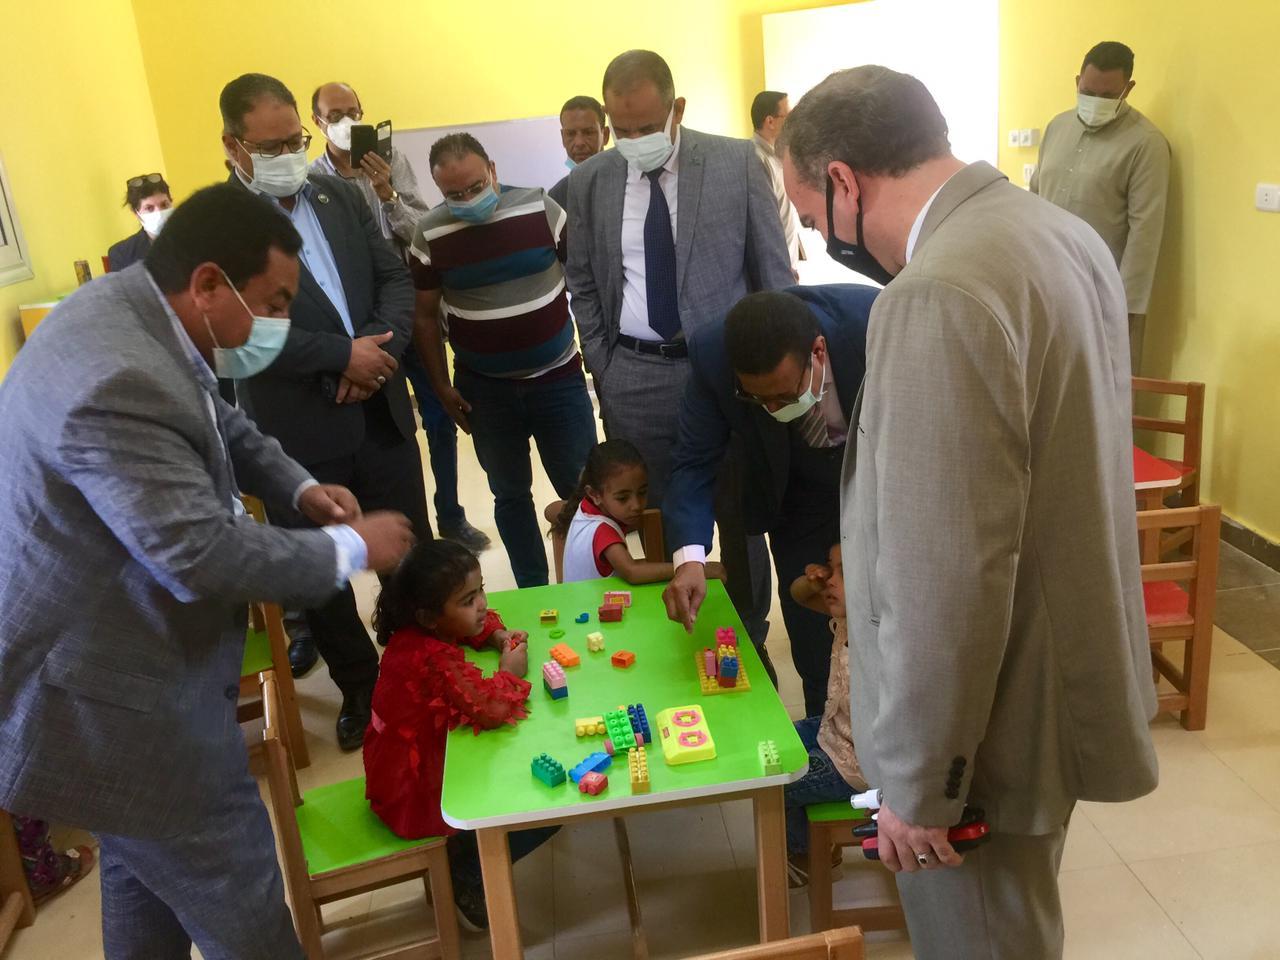 """جولة تفقدية لمتابعة تنفيذ تطوير الحضانات بمشاركة ممثلى التضامن و""""مصر الخير"""".."""